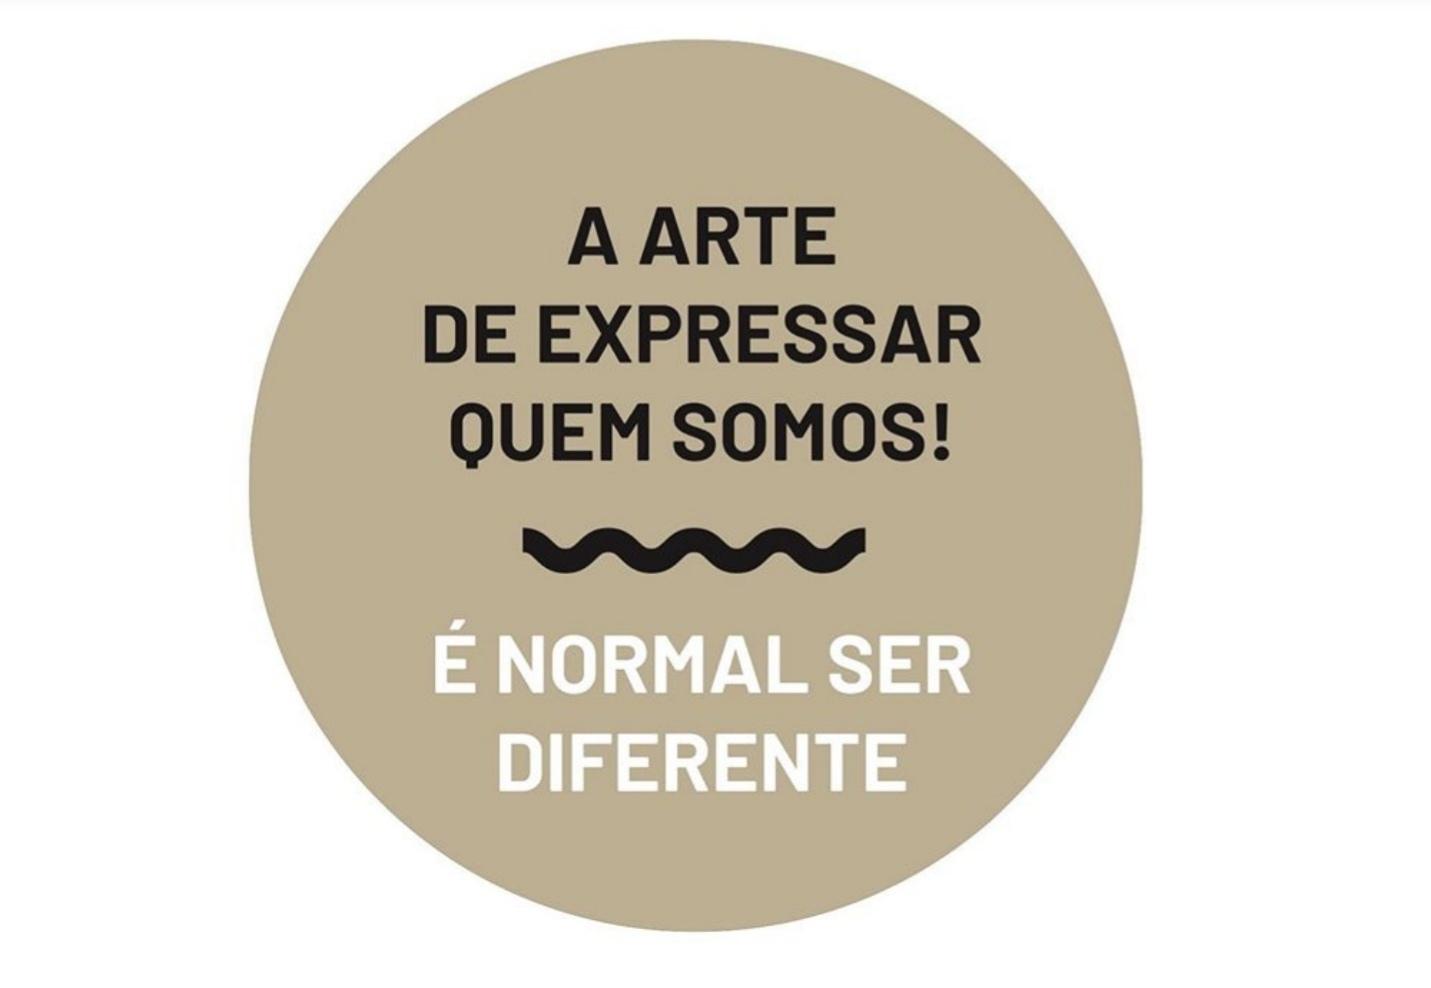 Espetáculo 'Acesso Livre' celebra primeira fase do projeto Mobilidade Artística, produção da Sabatino Bros, com apresentação nos dias 1/10 e 2/10, no Teatro João Caetano